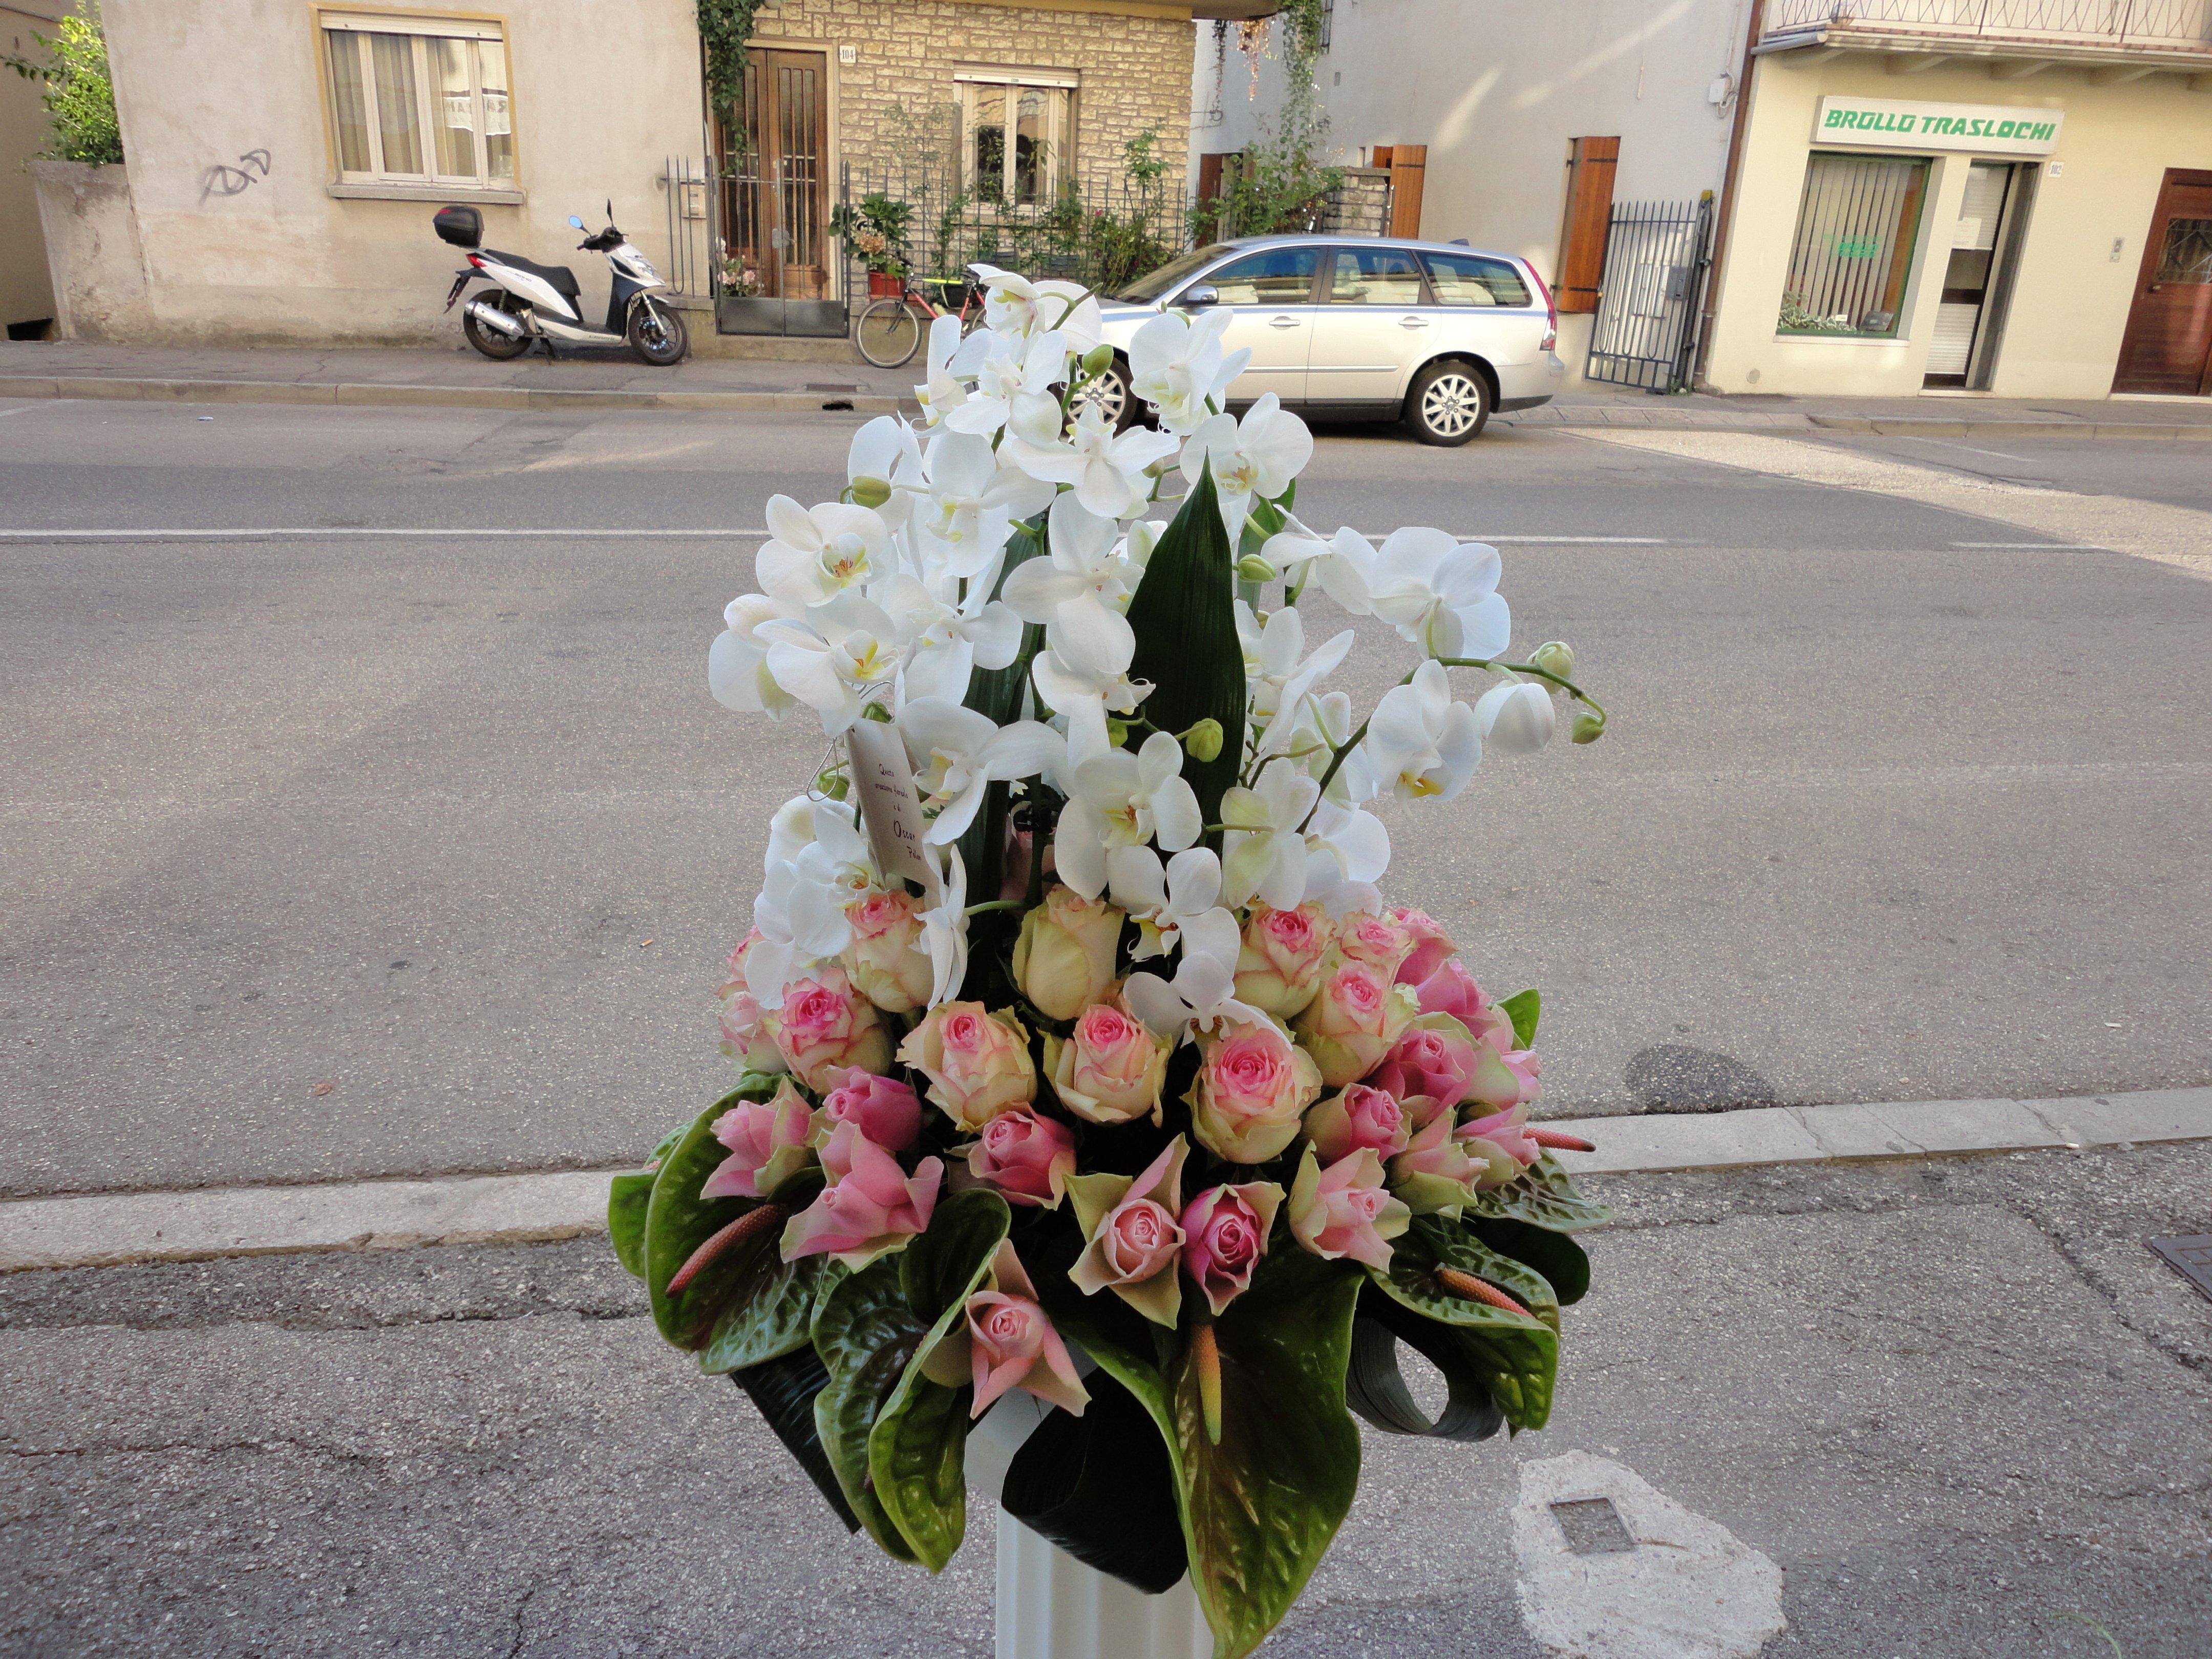 mazzo di fiori sulla strada